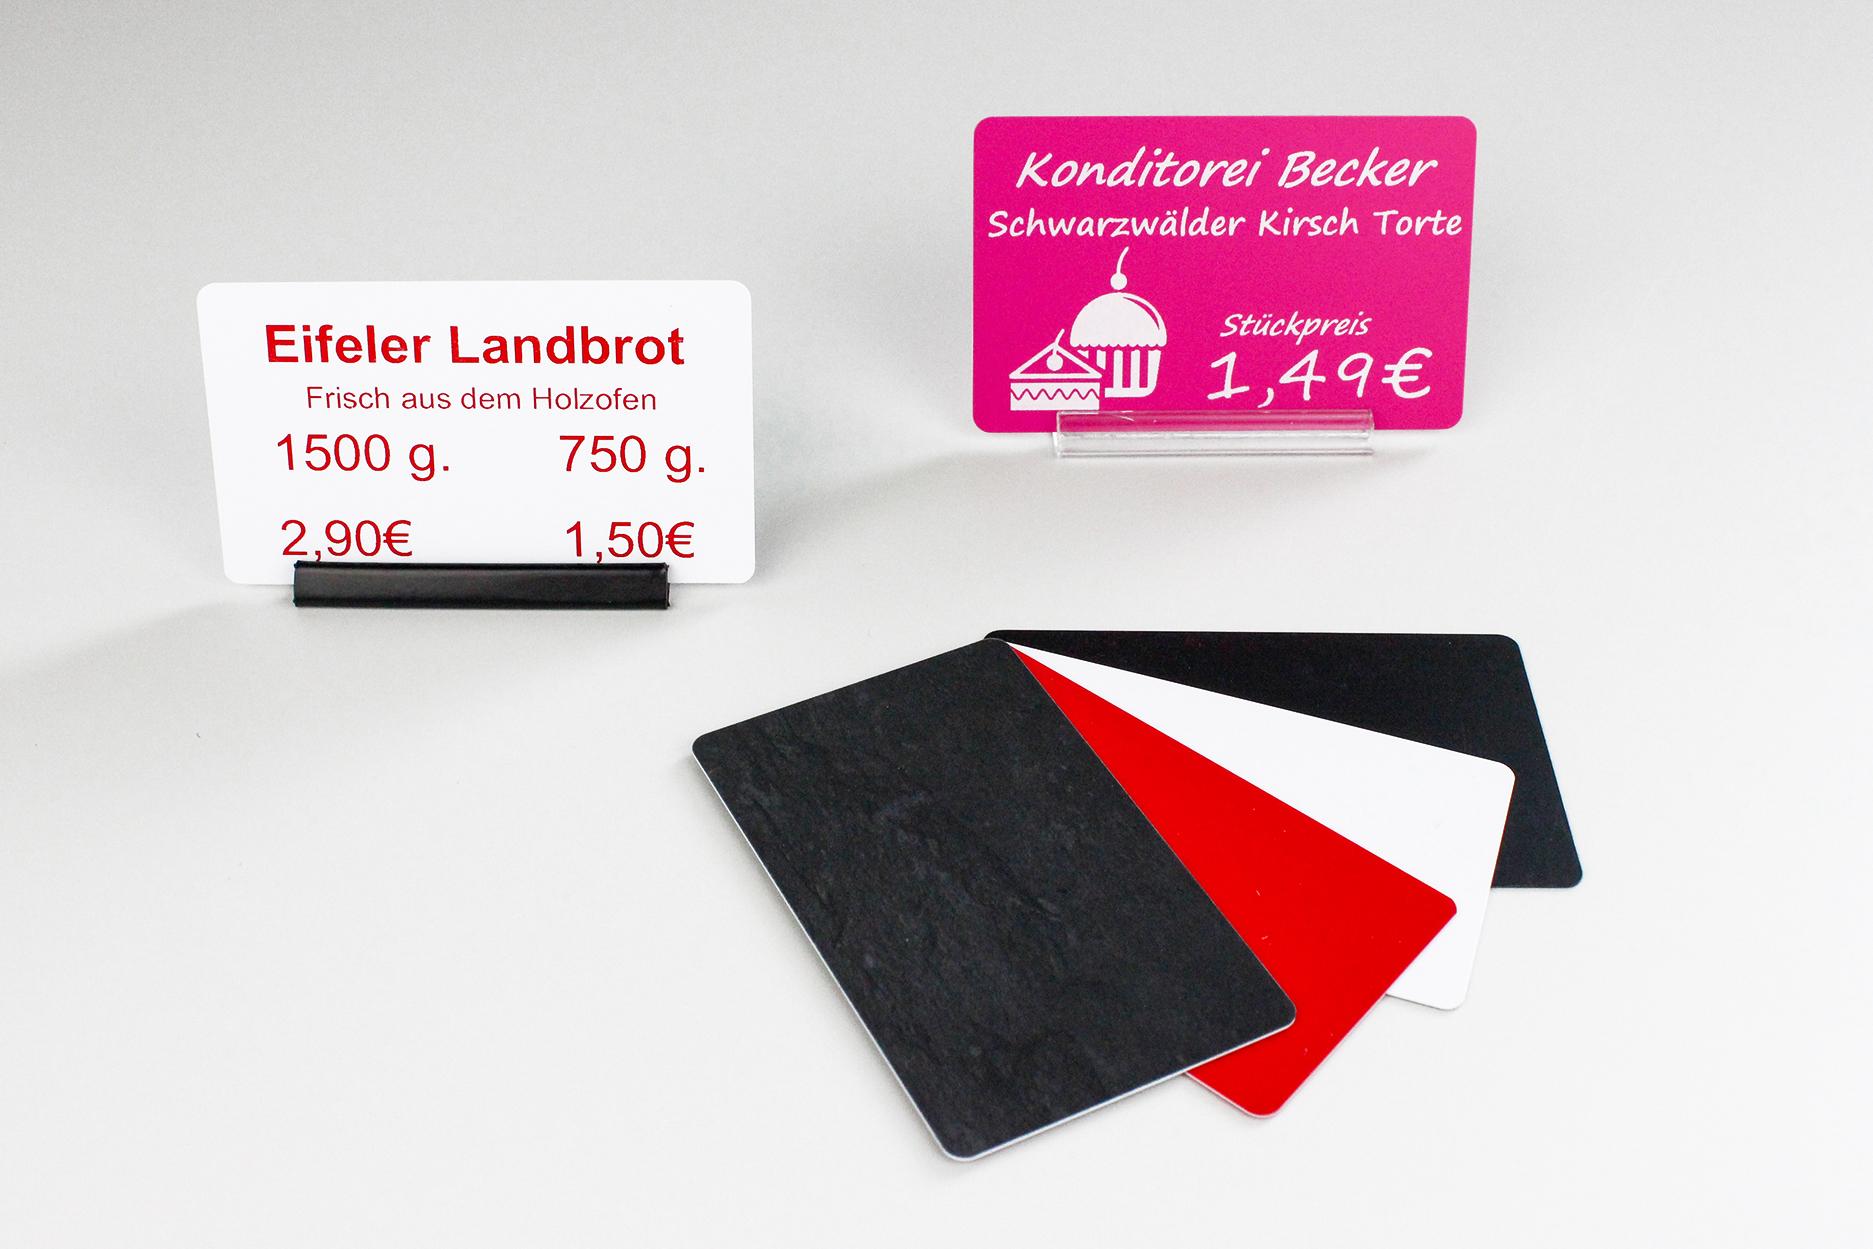 Plastikkarten, 86 x 50 x 0,50 mm, Schieferoptik, 100 Karten pro Pack